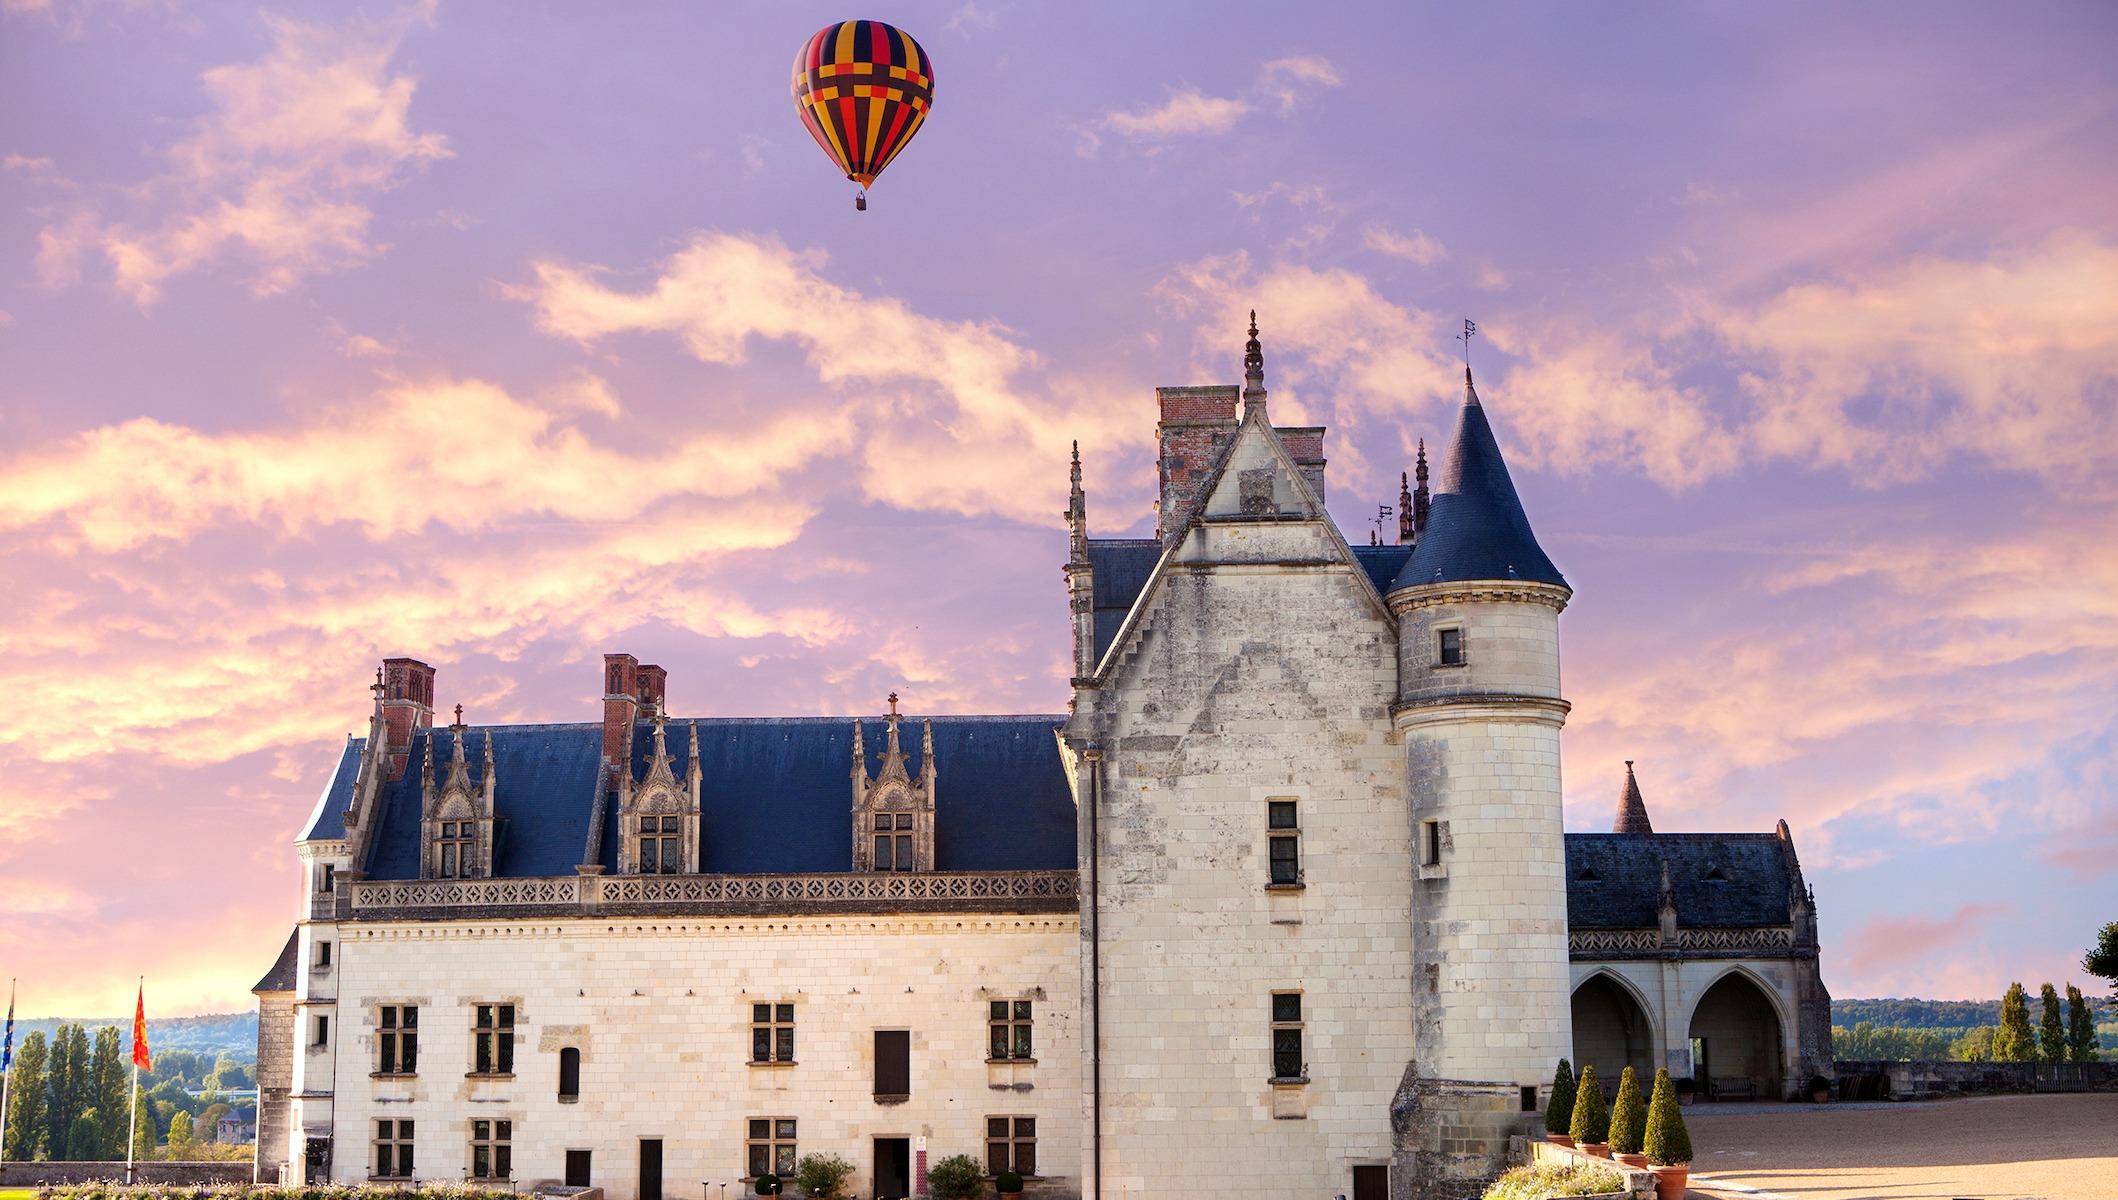 loire valley hot air balloon